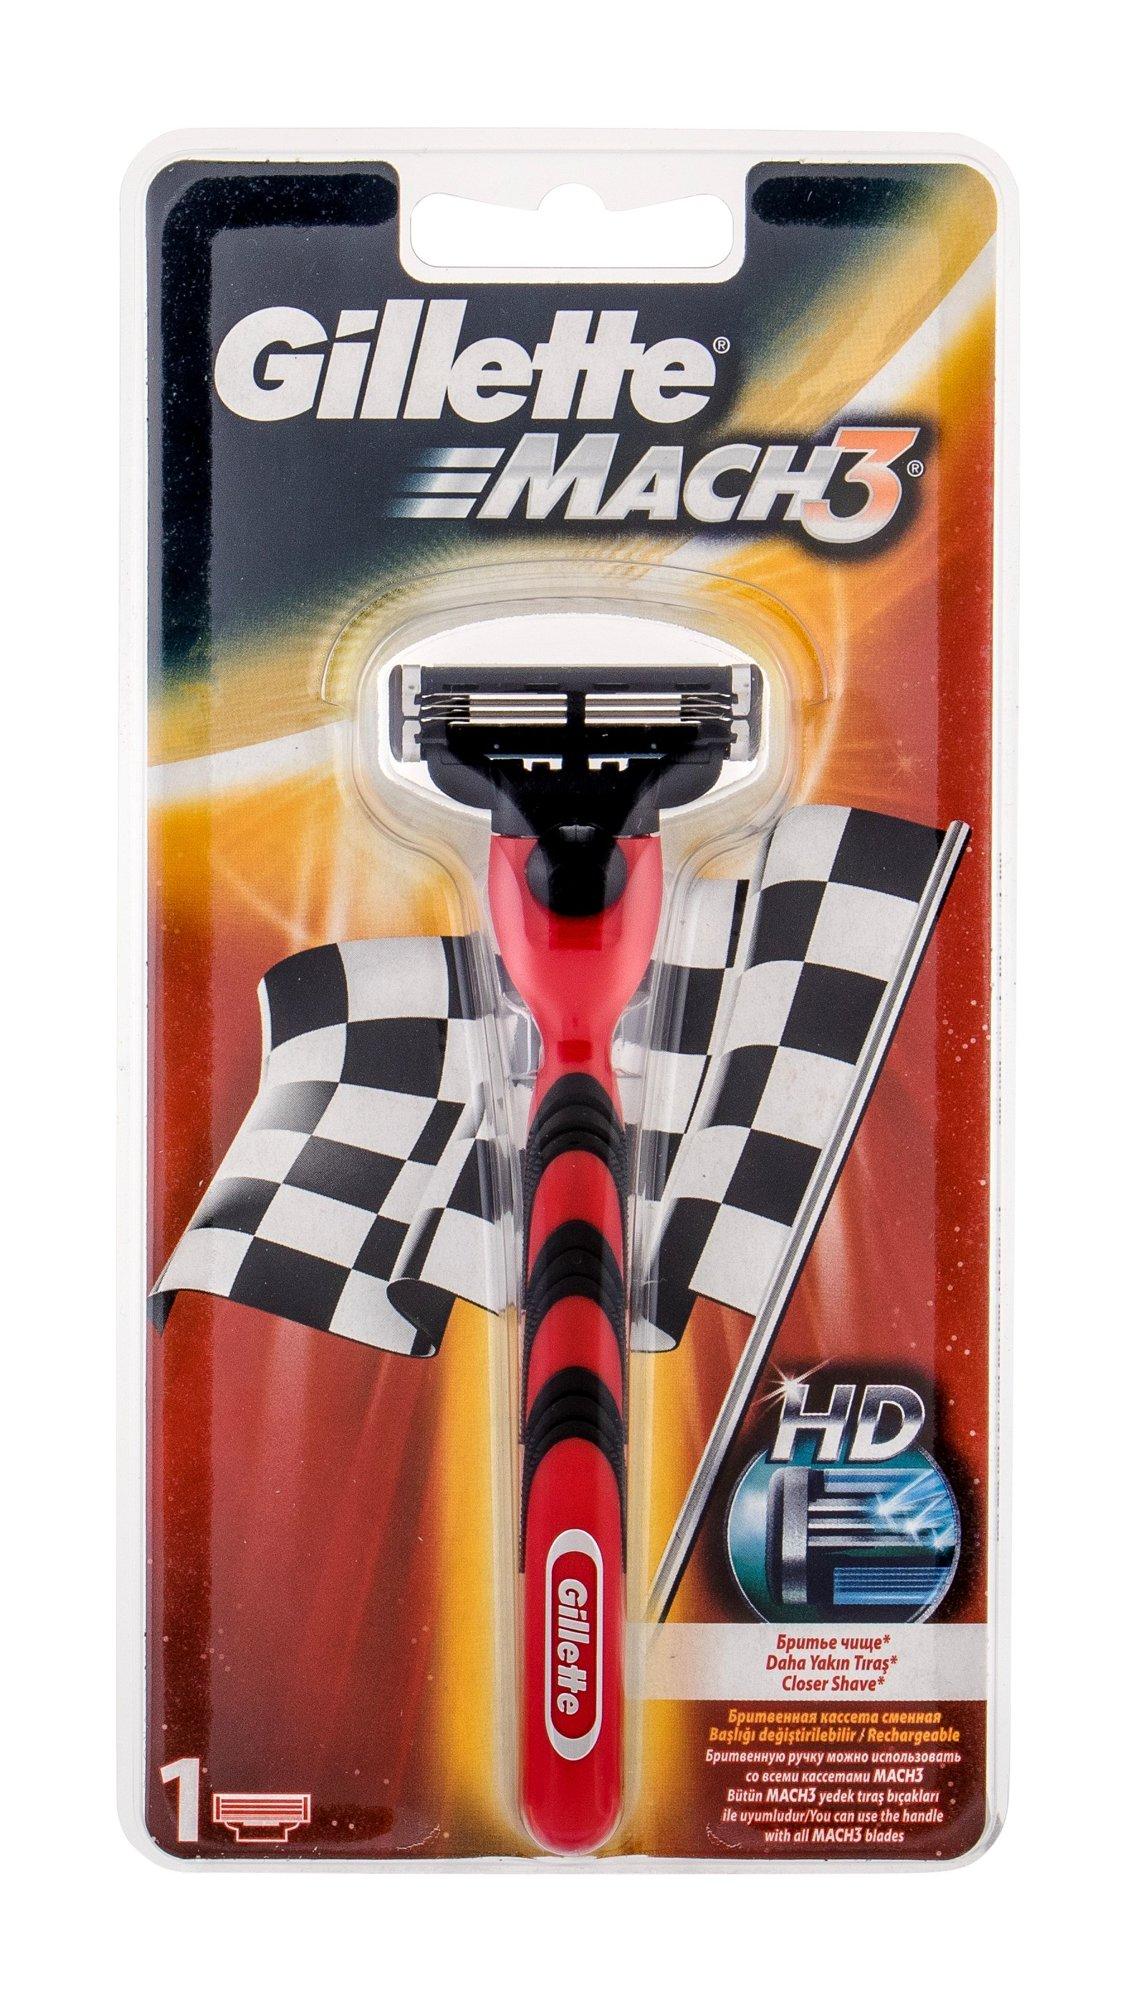 Gillette Mach3 Razor 1ml